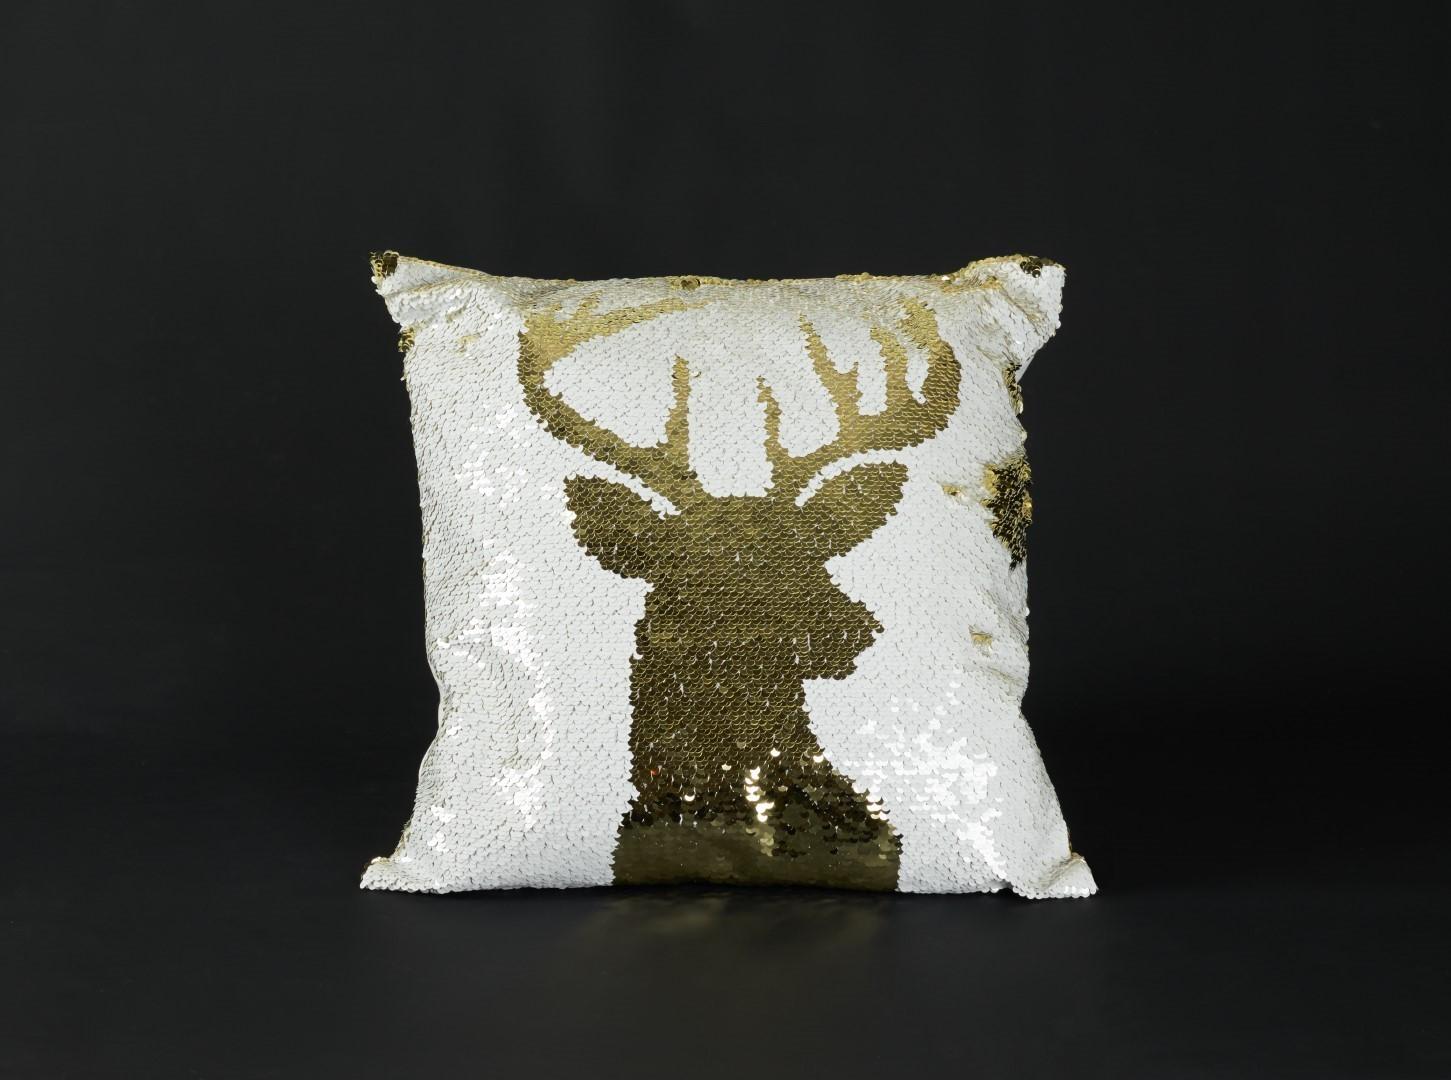 Kussen pailetten wit goud rendier Anna's Collection